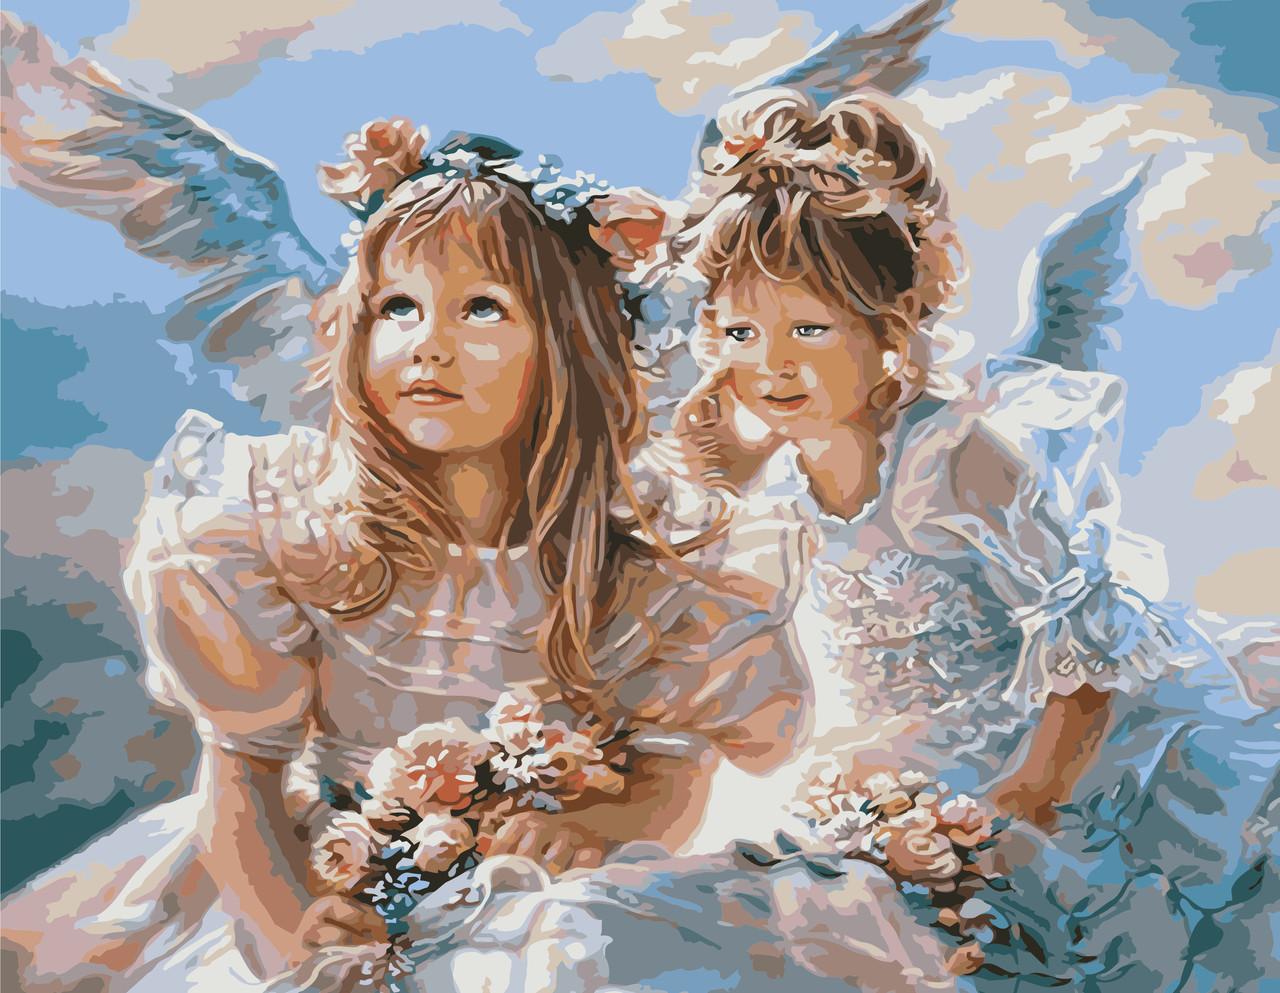 Картина по номерам VA-1664 Две девочки-ангела, 40х50см. Strateg